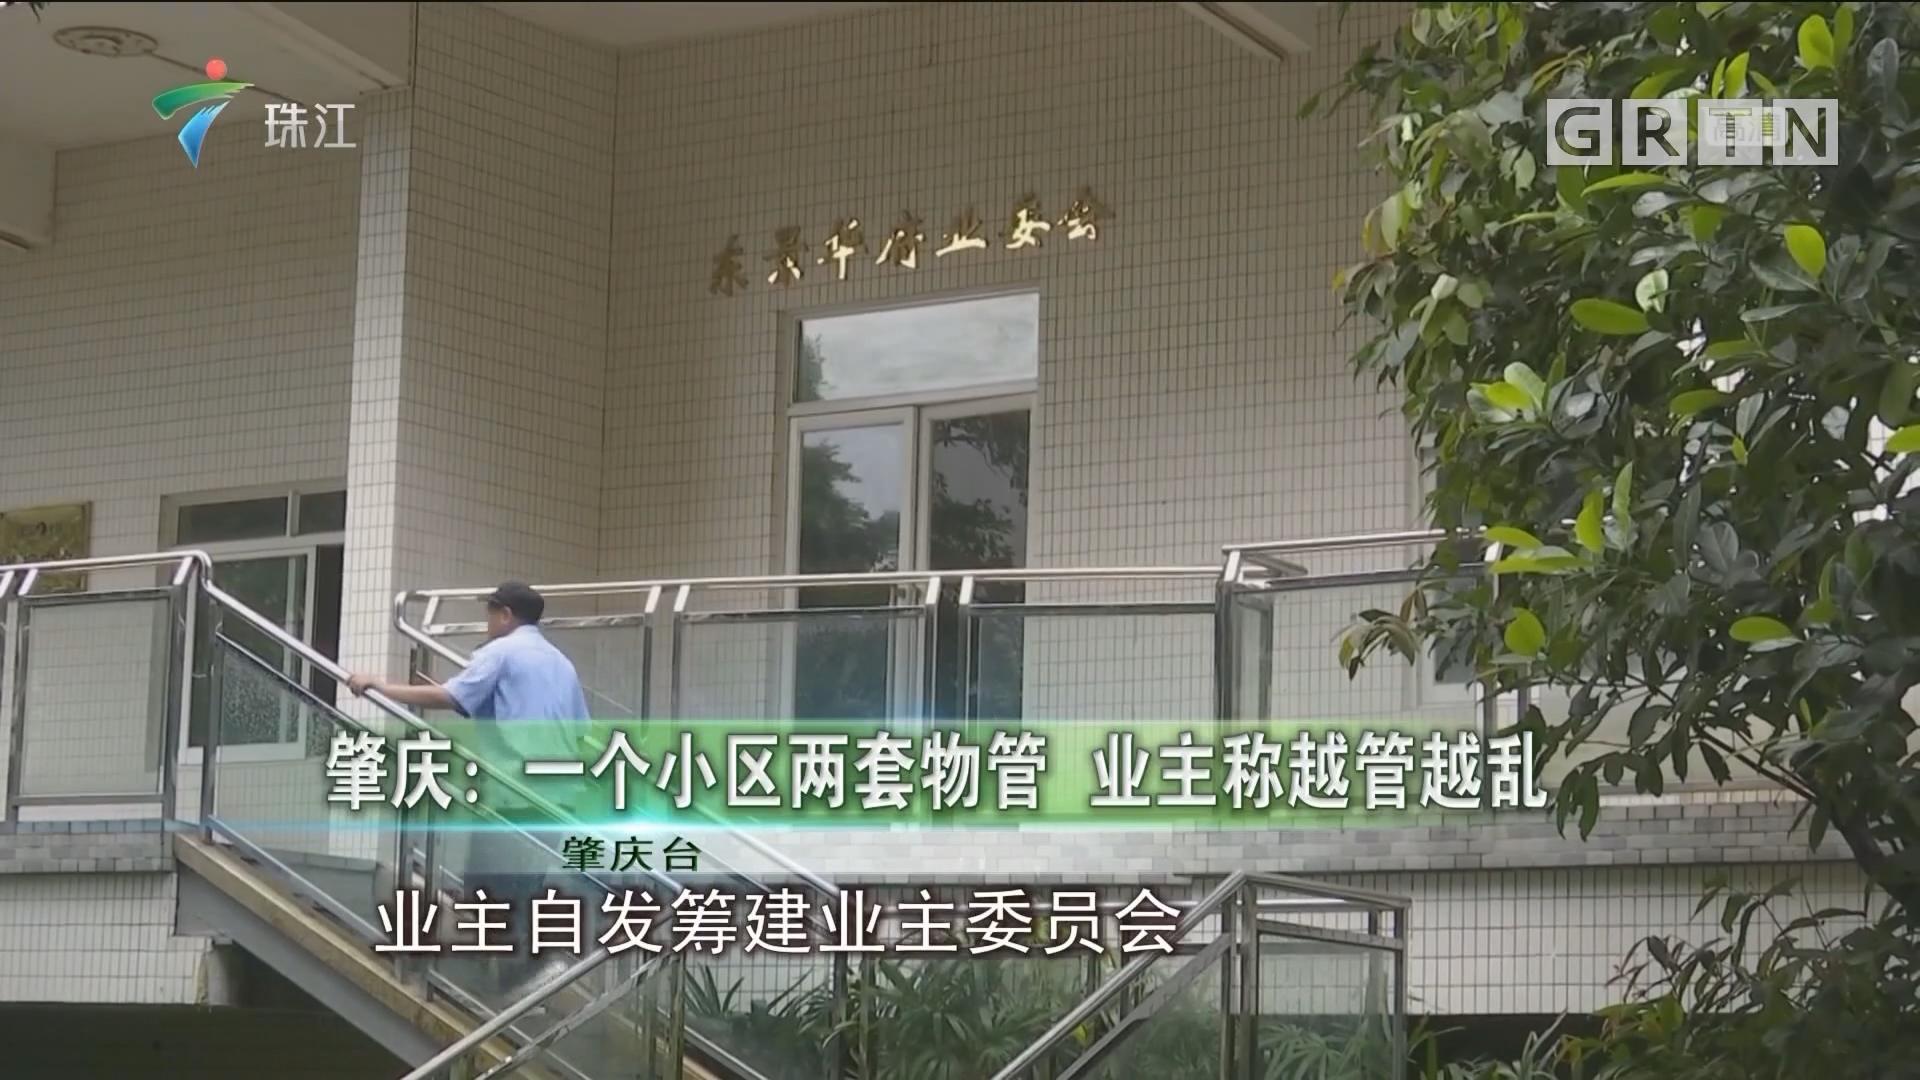 肇庆:一个小区两套物管 业主称越管越乱